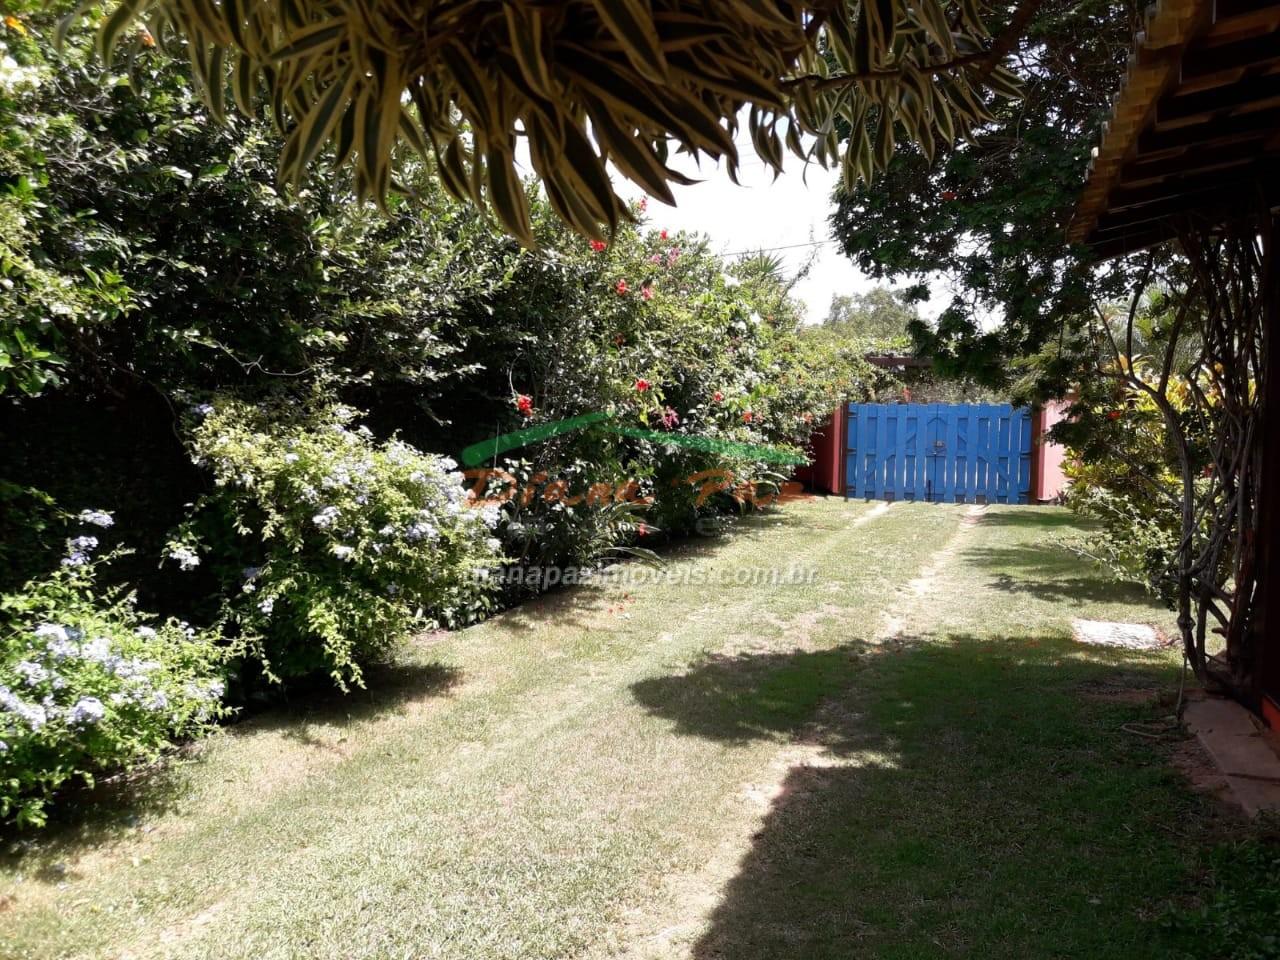 Portão jardim de entrada